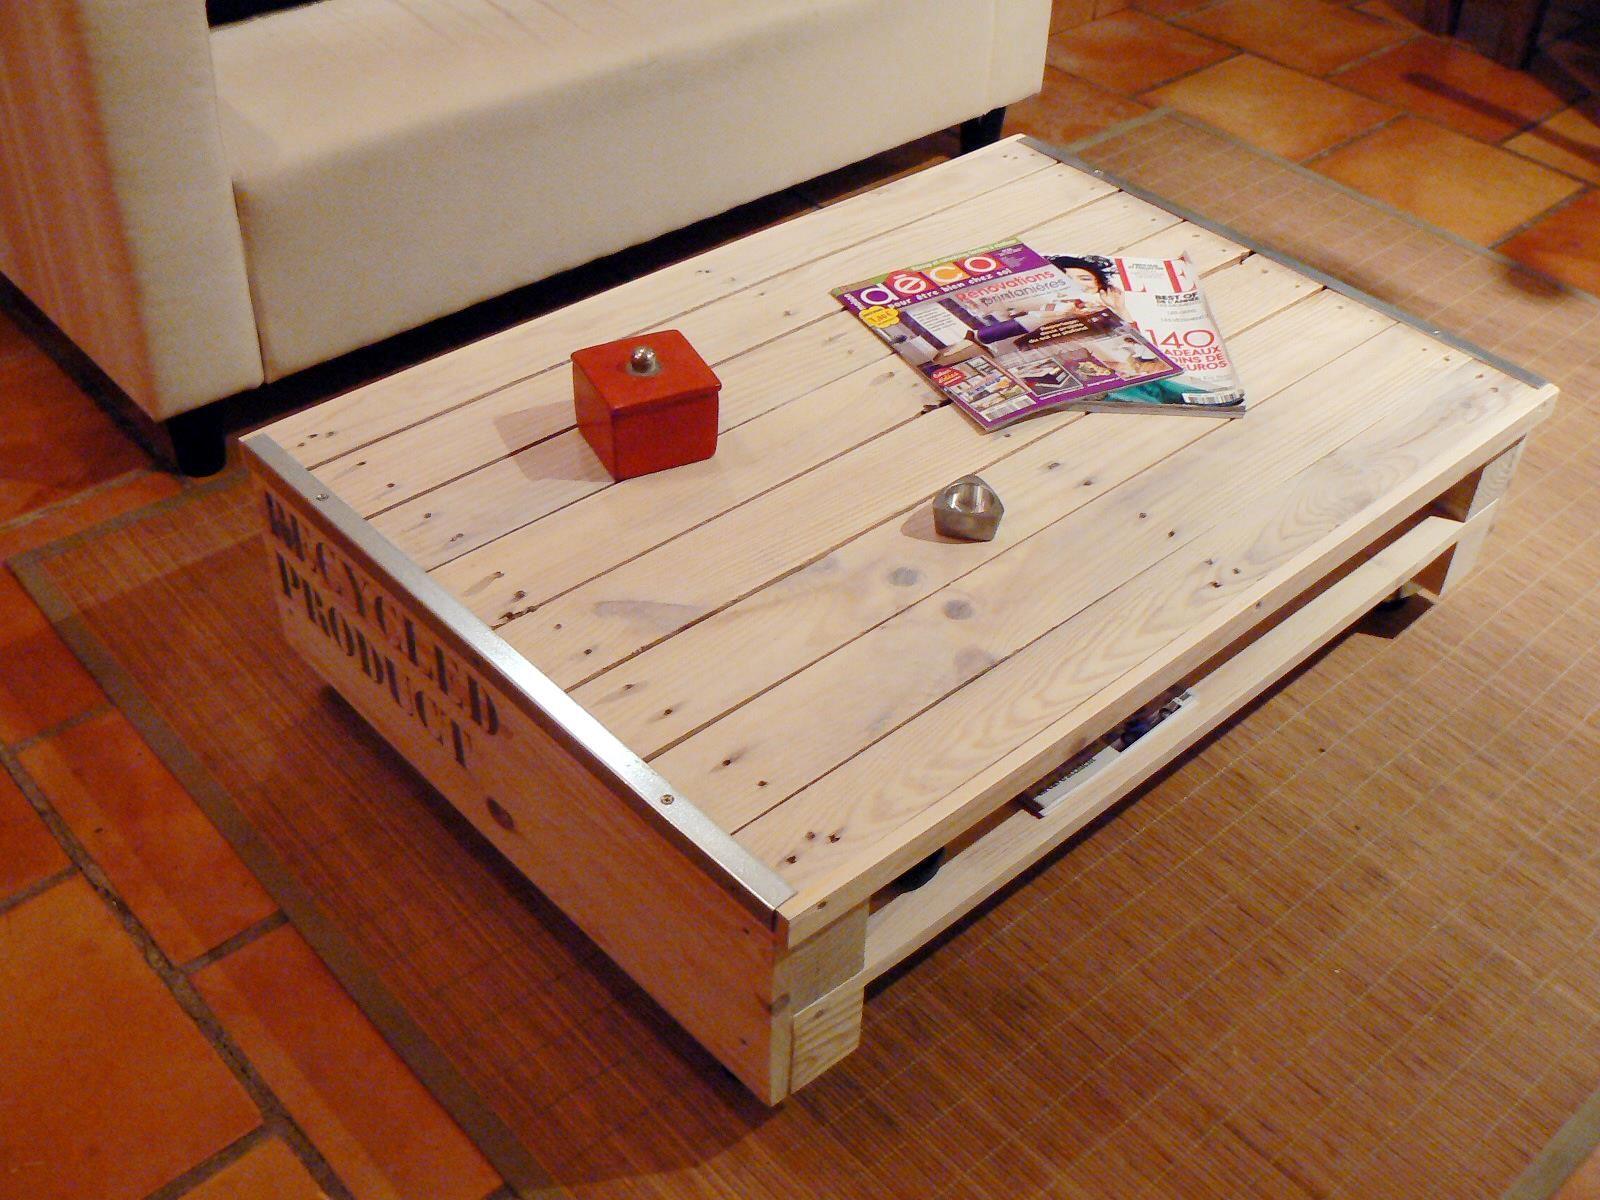 table basse esprit r cup indus fabriqu e partir d 39 une palette table basse pinterest. Black Bedroom Furniture Sets. Home Design Ideas